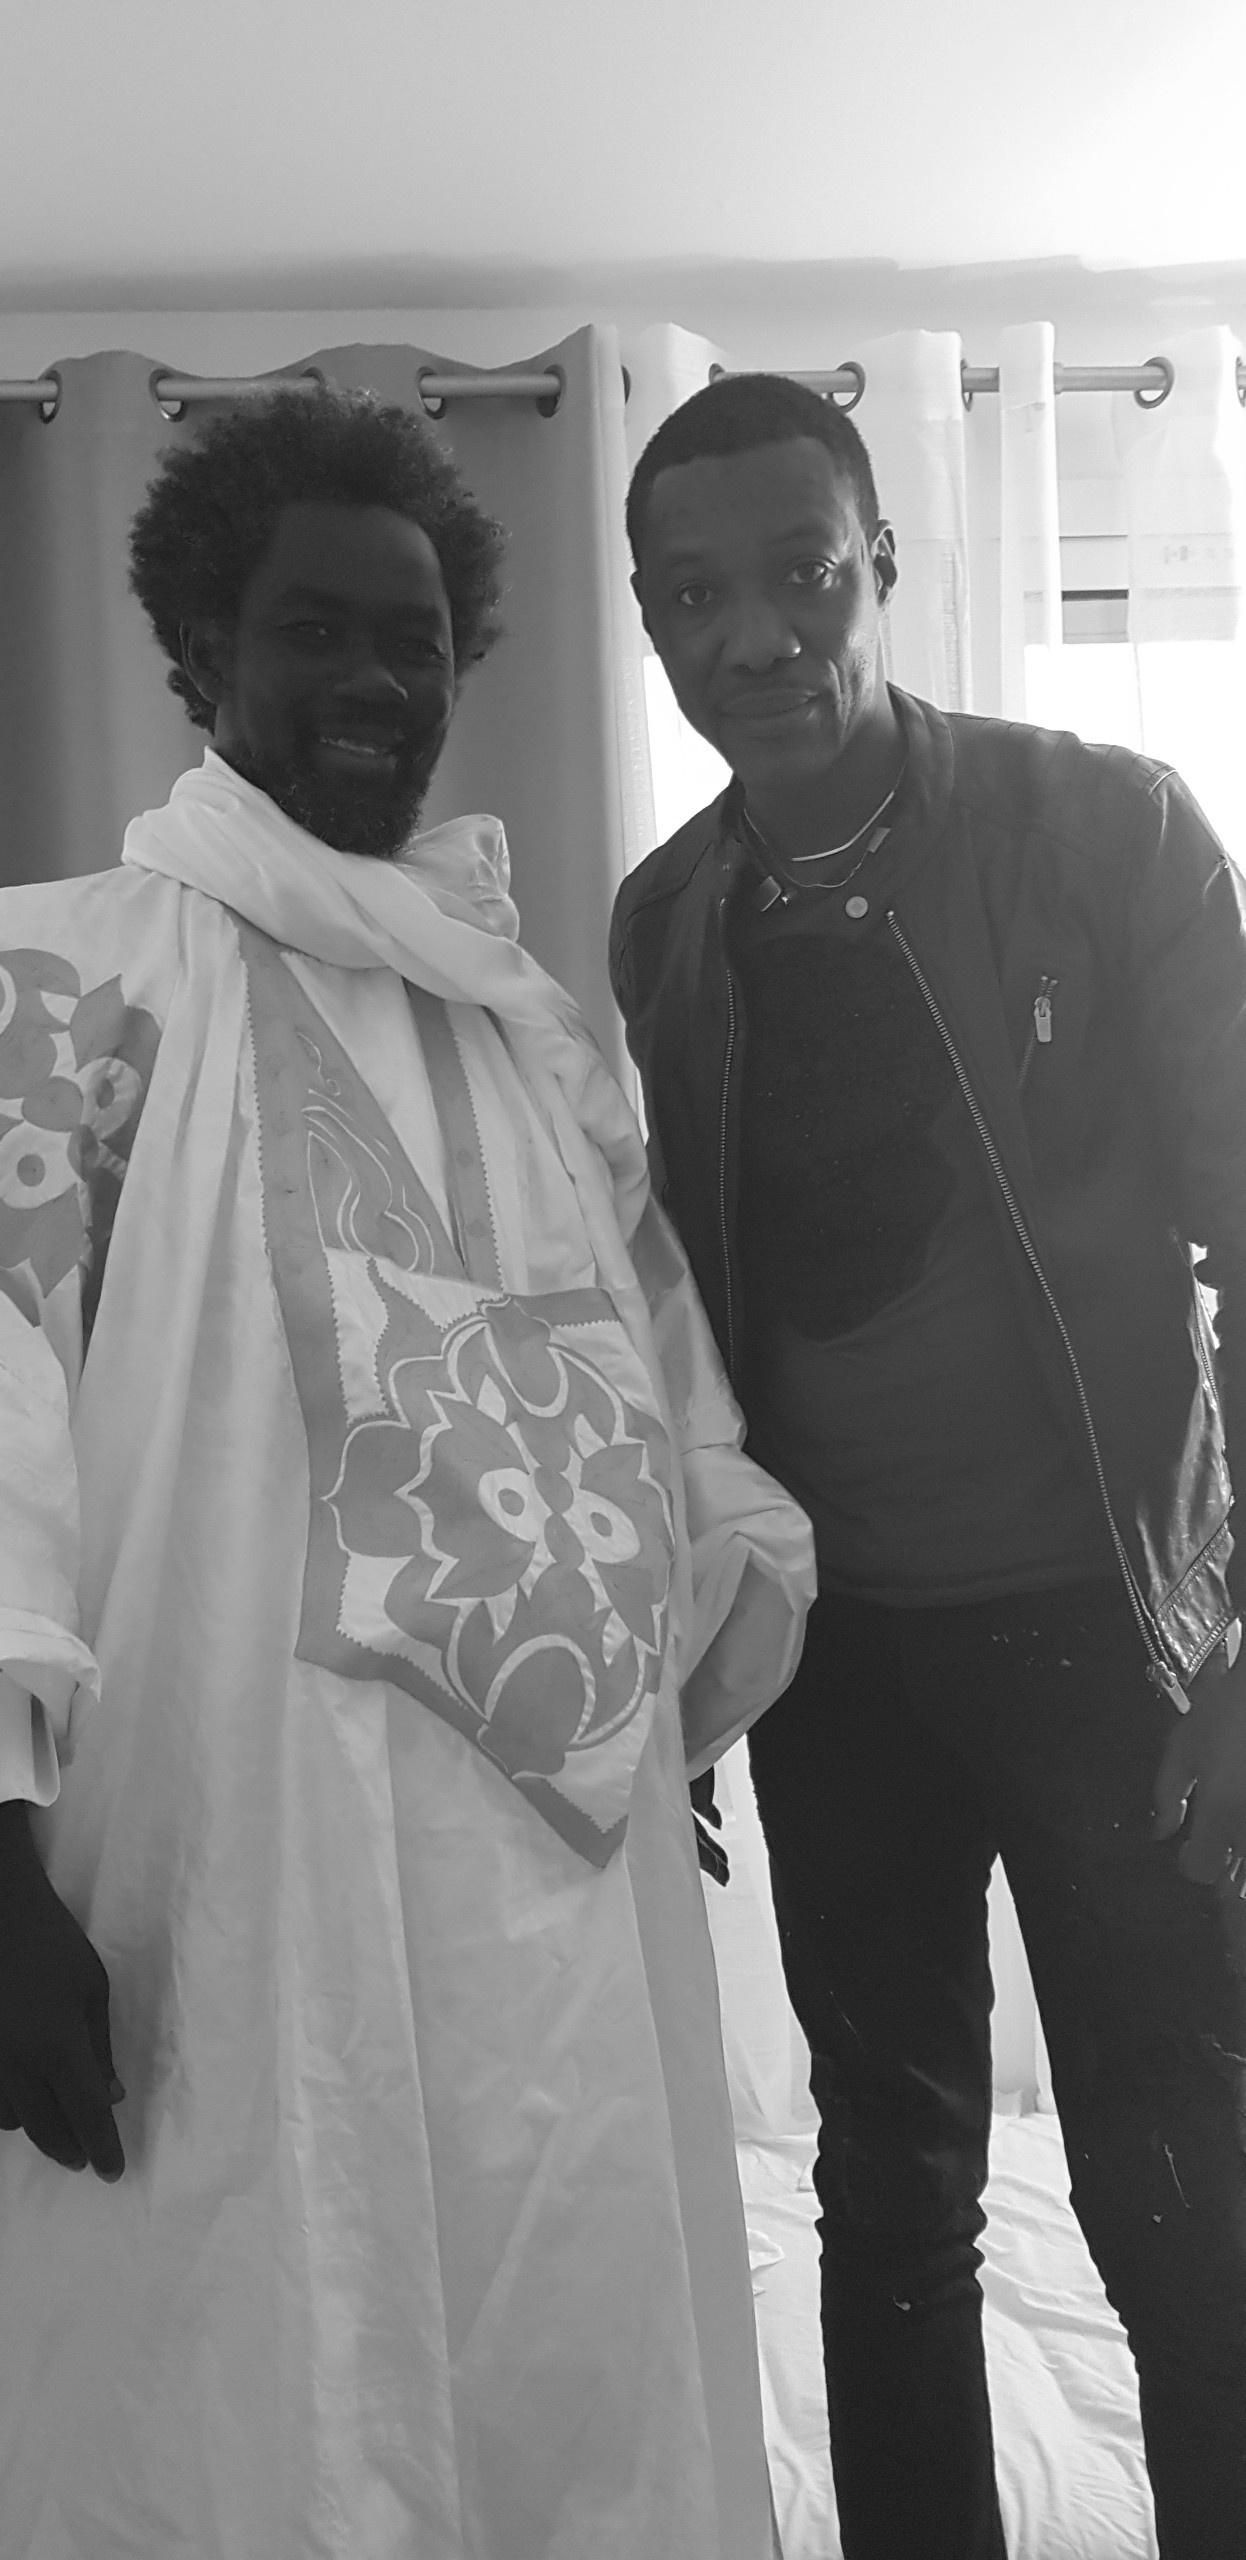 """Visite de Serigne Akassa Samb chez Pape Ndongo Dieng le """"Dieuwrigne"""" de Serigne Saliou à Paris. Regardez"""